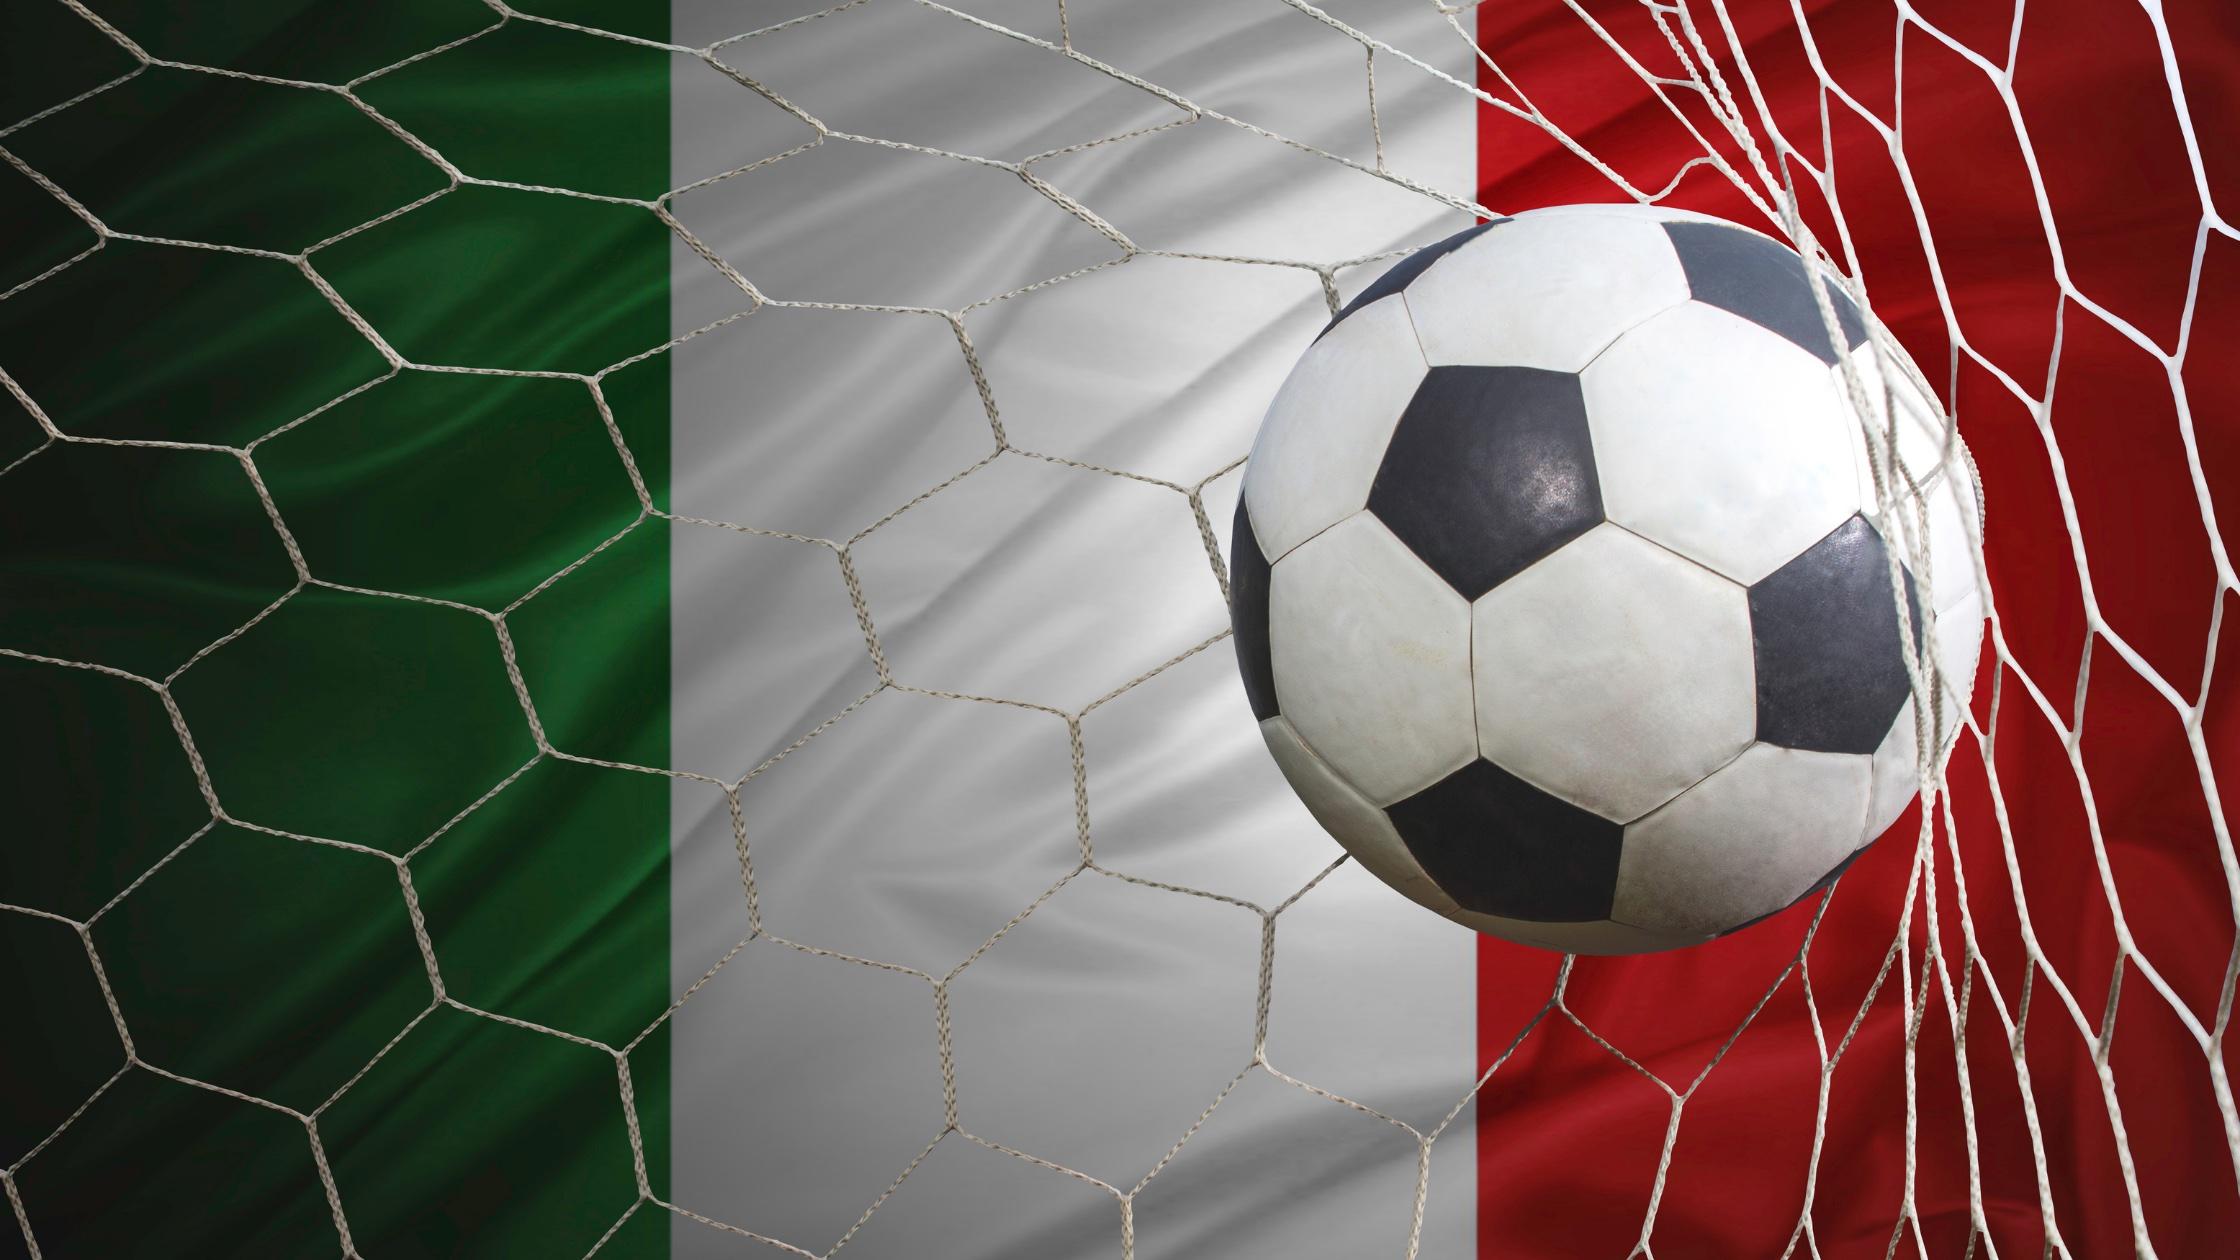 Soccer, Politics, and the Brand 'Italia'